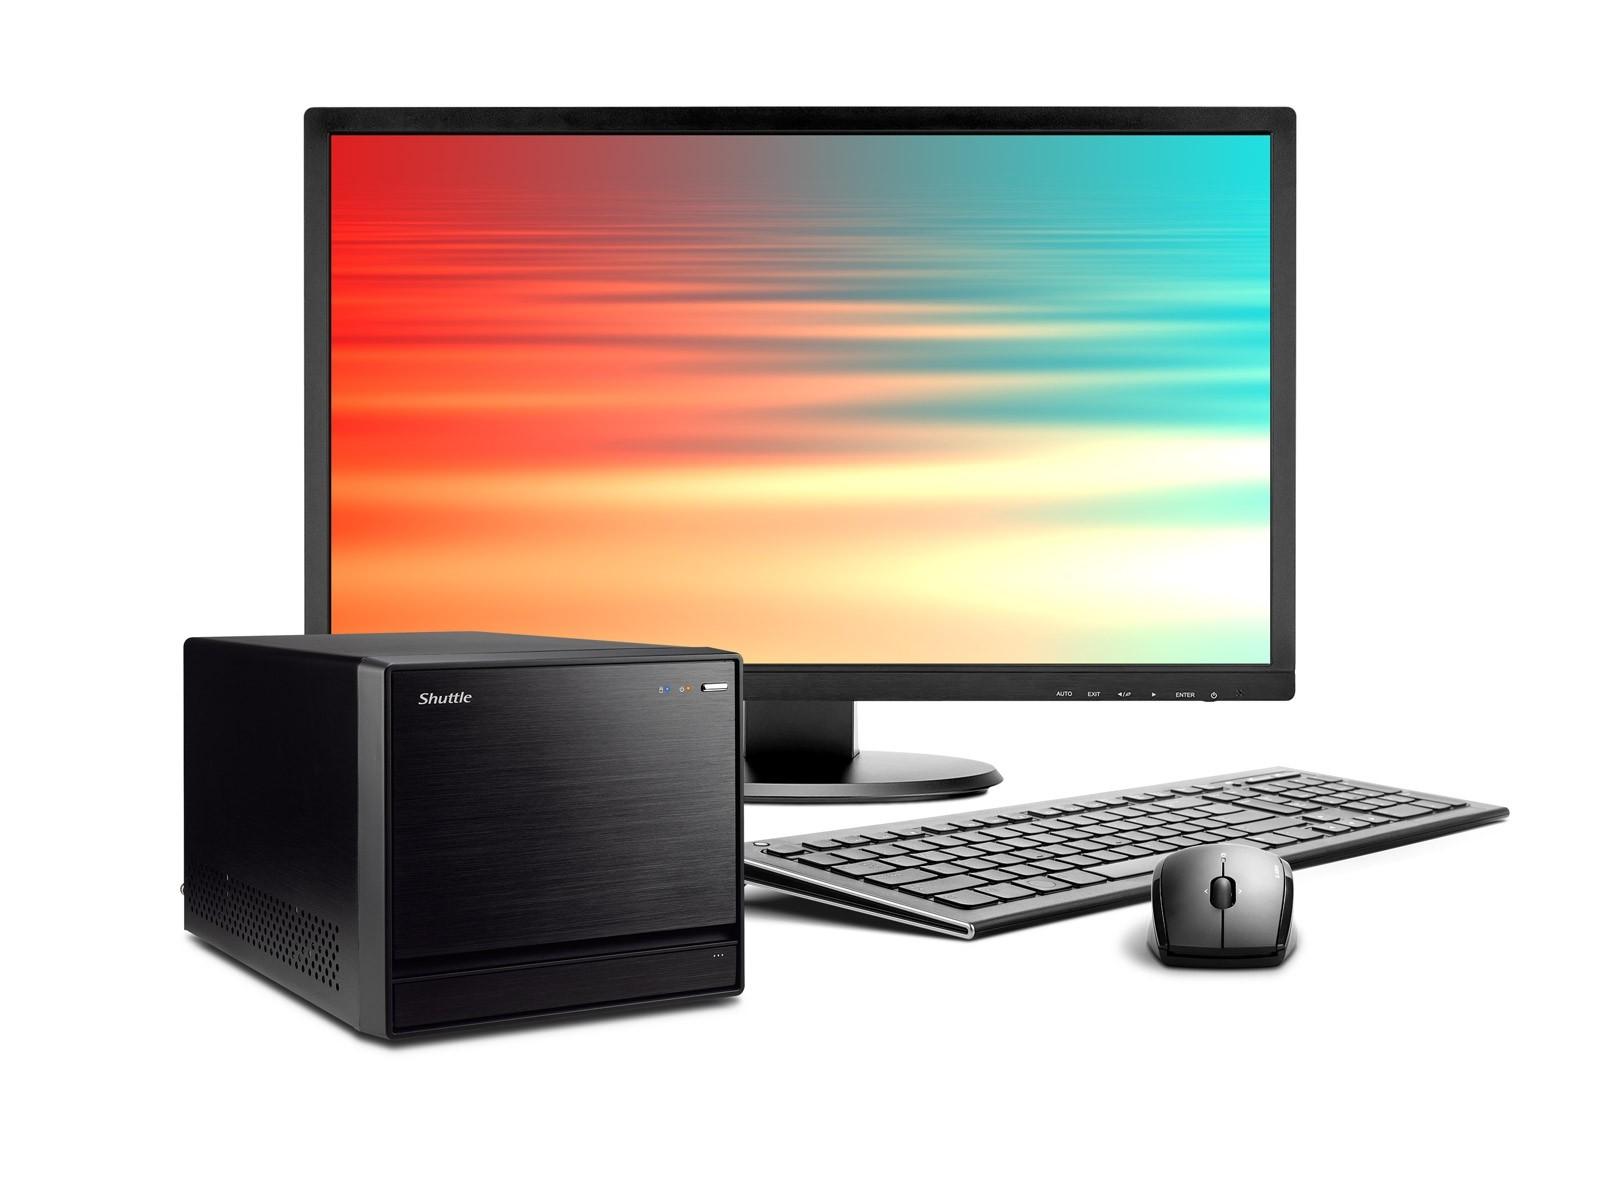 Shuttle Mini PC R8 3700P - Mini-PC pour processeurs Intel Core de 8e et 9e génération et quatre disques durs